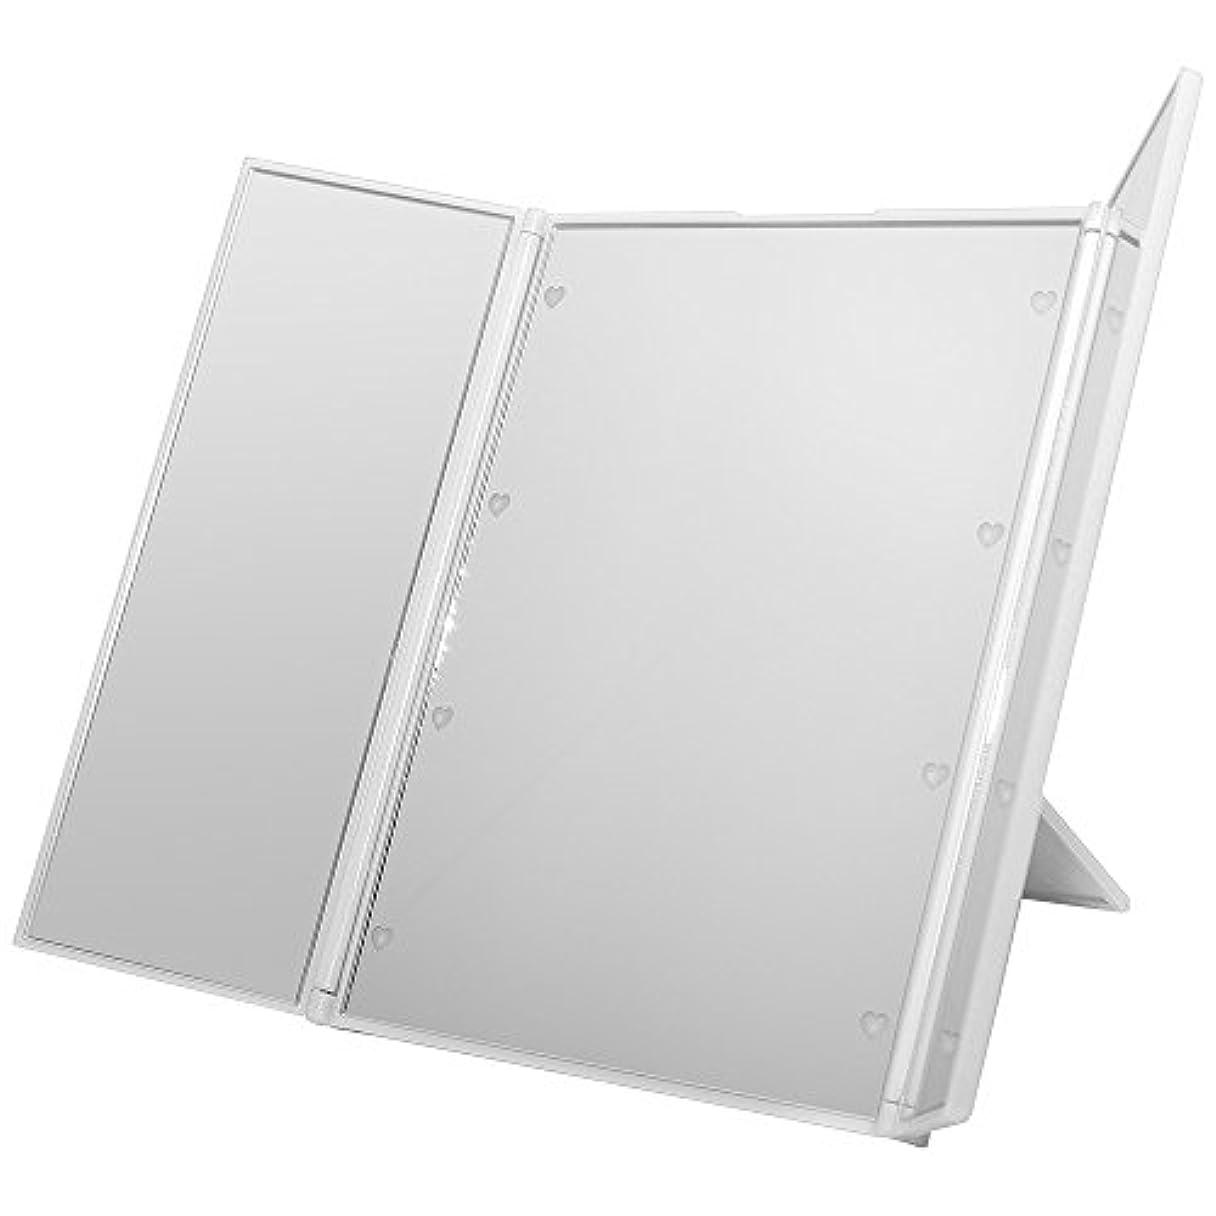 ゆり手を差し伸べる吸うGoodsLand 【 ハート型 LED ライト付 】 卓上 折りたたみ 三面鏡 大型 大きい かわいい スタンド ミラー メイク アップ ブライトニング GD-LED-3MR-WH